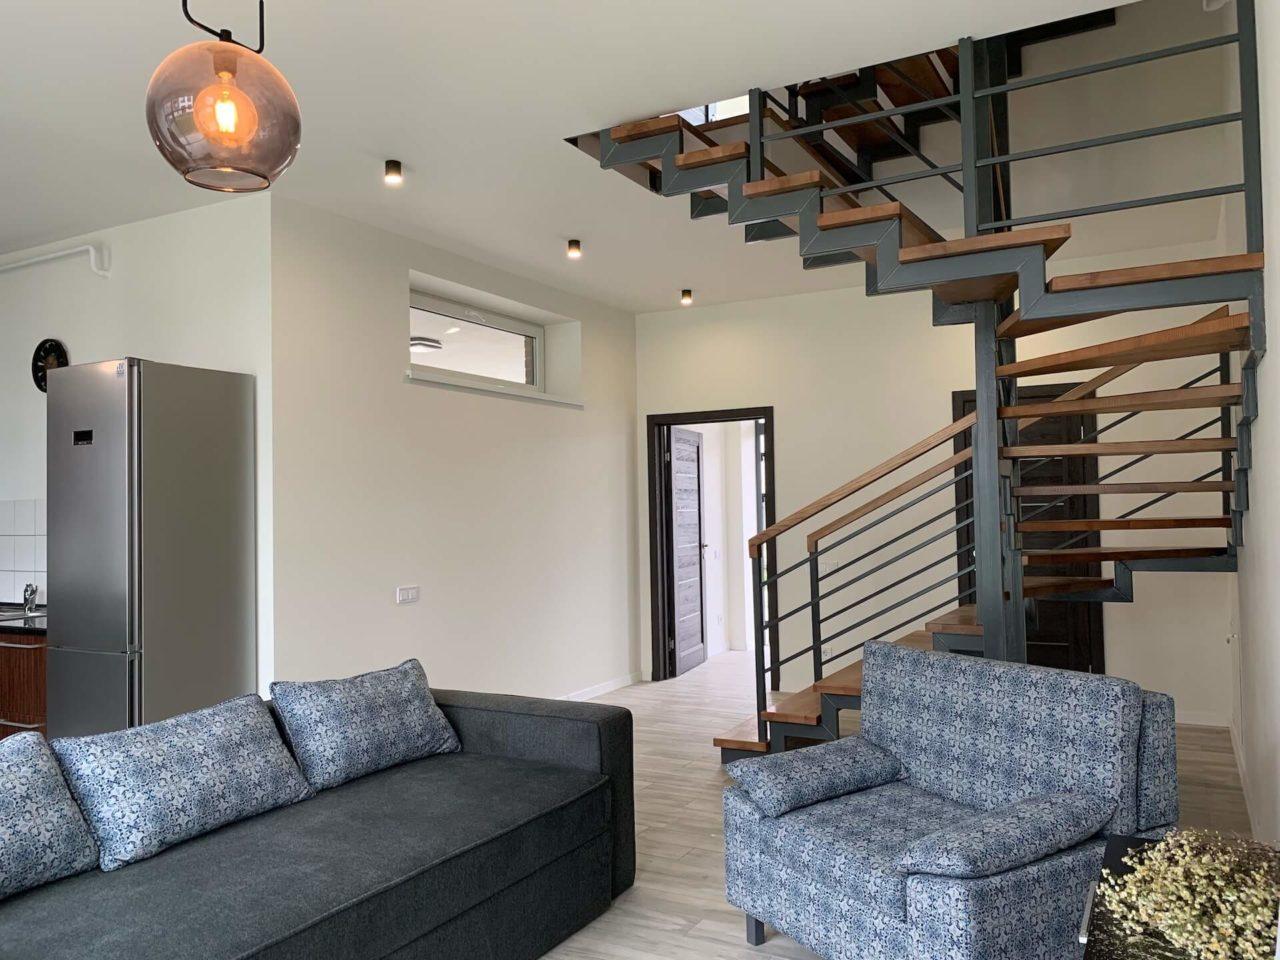 Дизайн проект таунхауса 120 кв.м., коричневый. Львов | фото 6